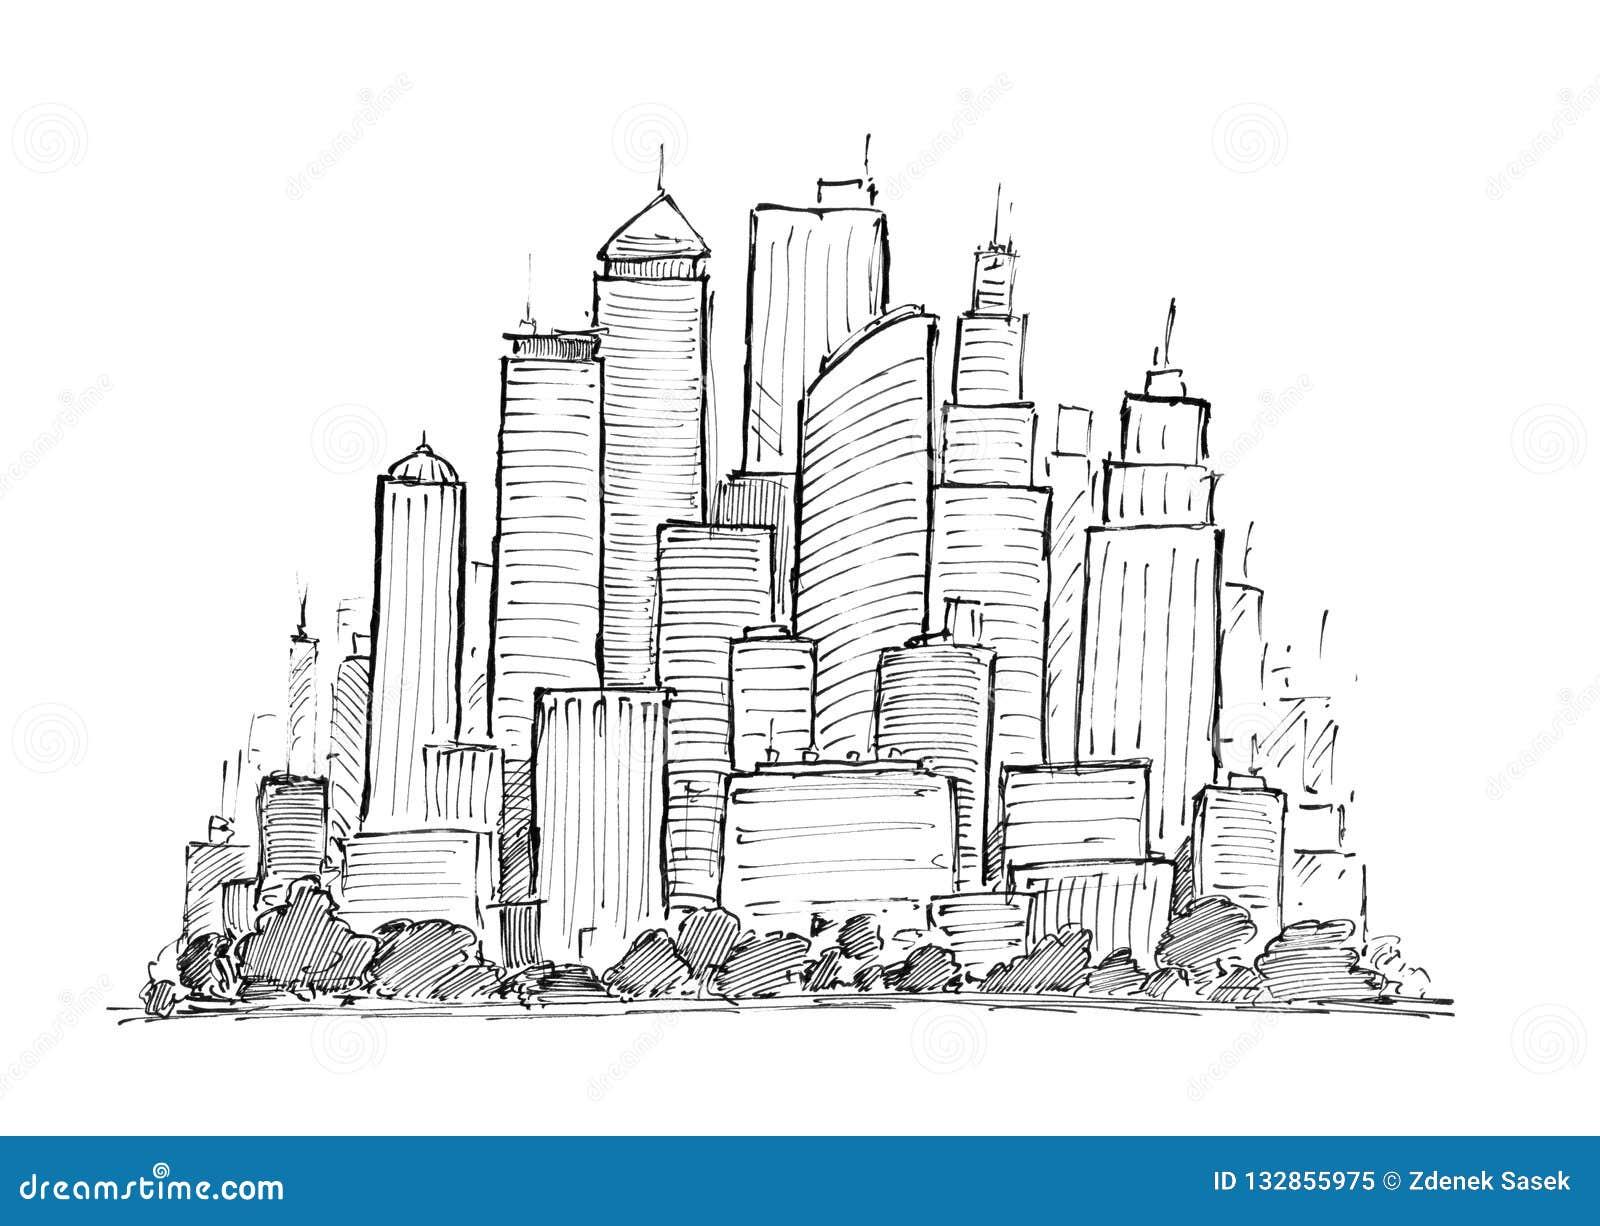 Dessin à l encre noire de main du paysage urbain ayant beaucoup d étages de ville générique avec des bâtiments de gratte-ciel